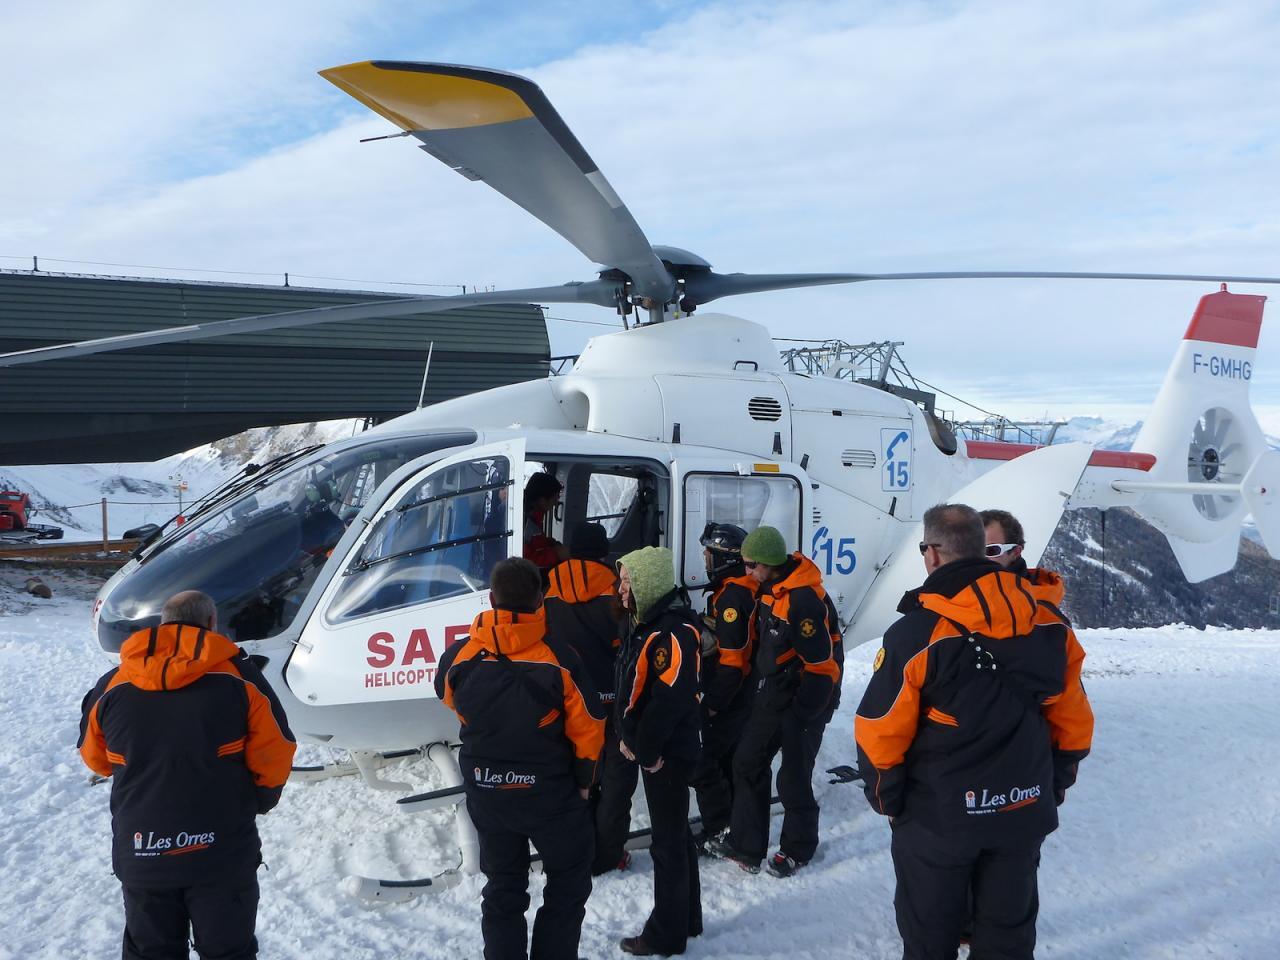 Hélicoptère SAF aux Orres 07